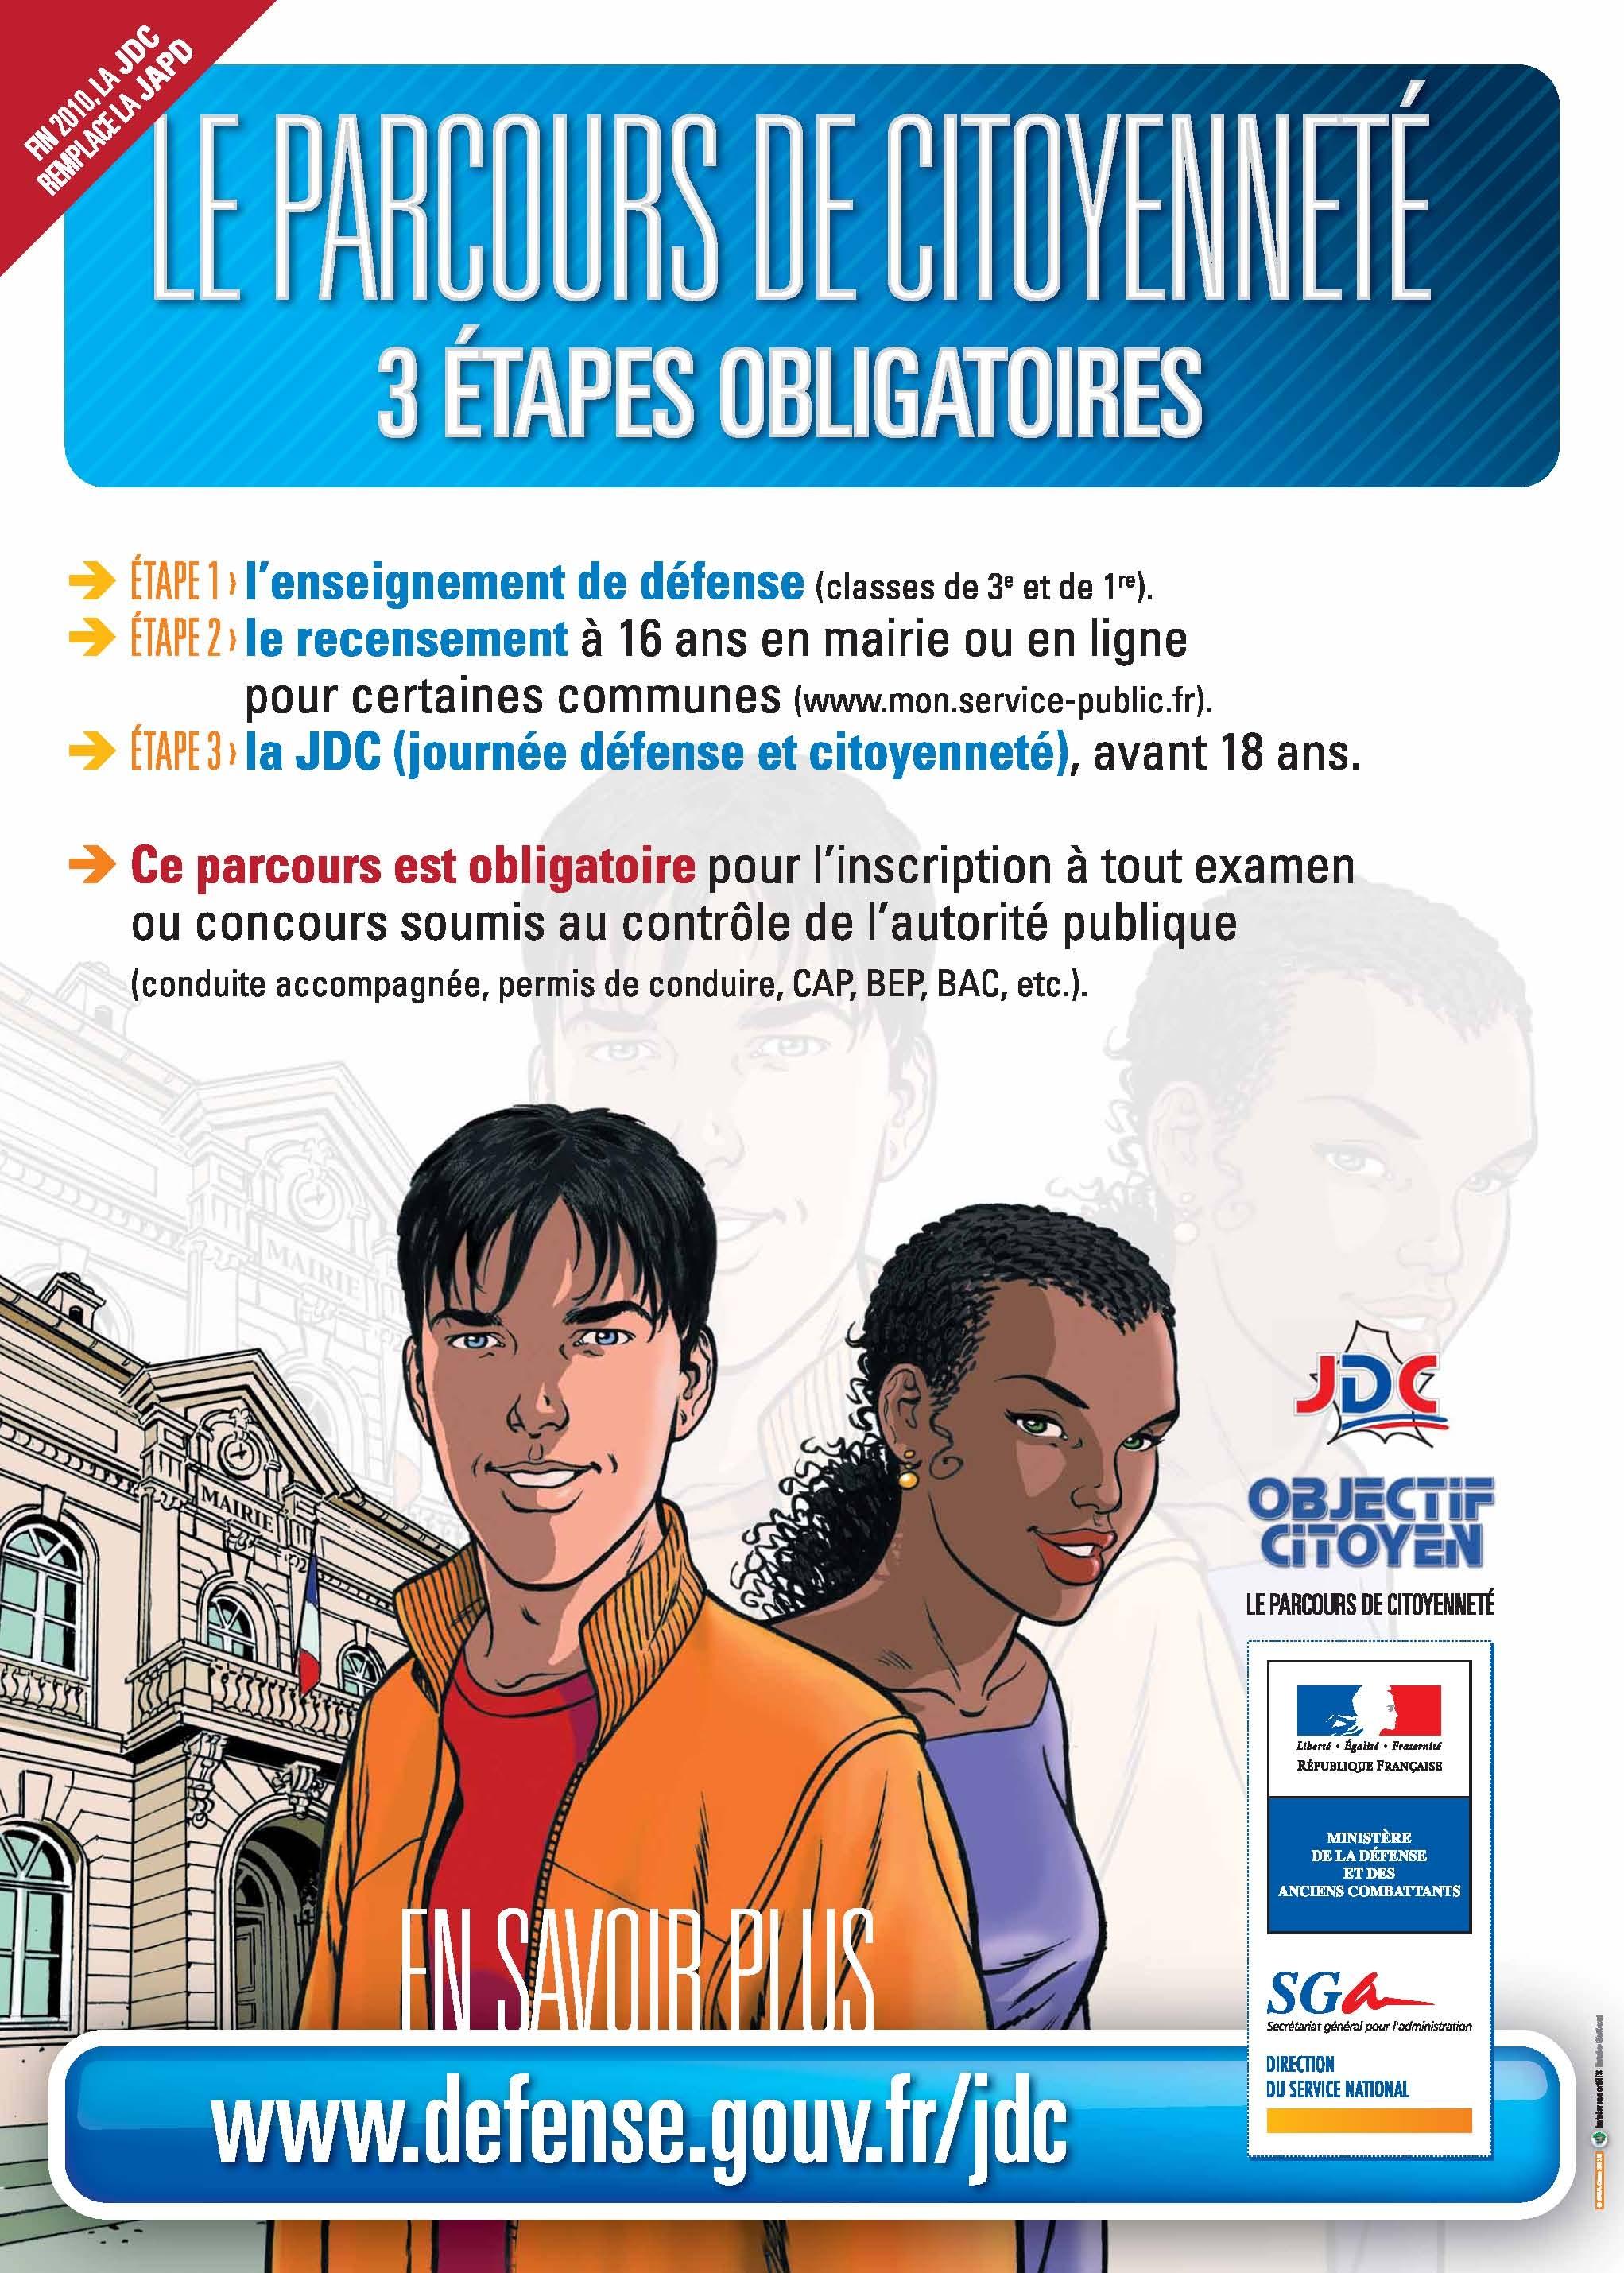 Parcours de citoyennet pontoise - Bureau de service national du lieu de recensement ...